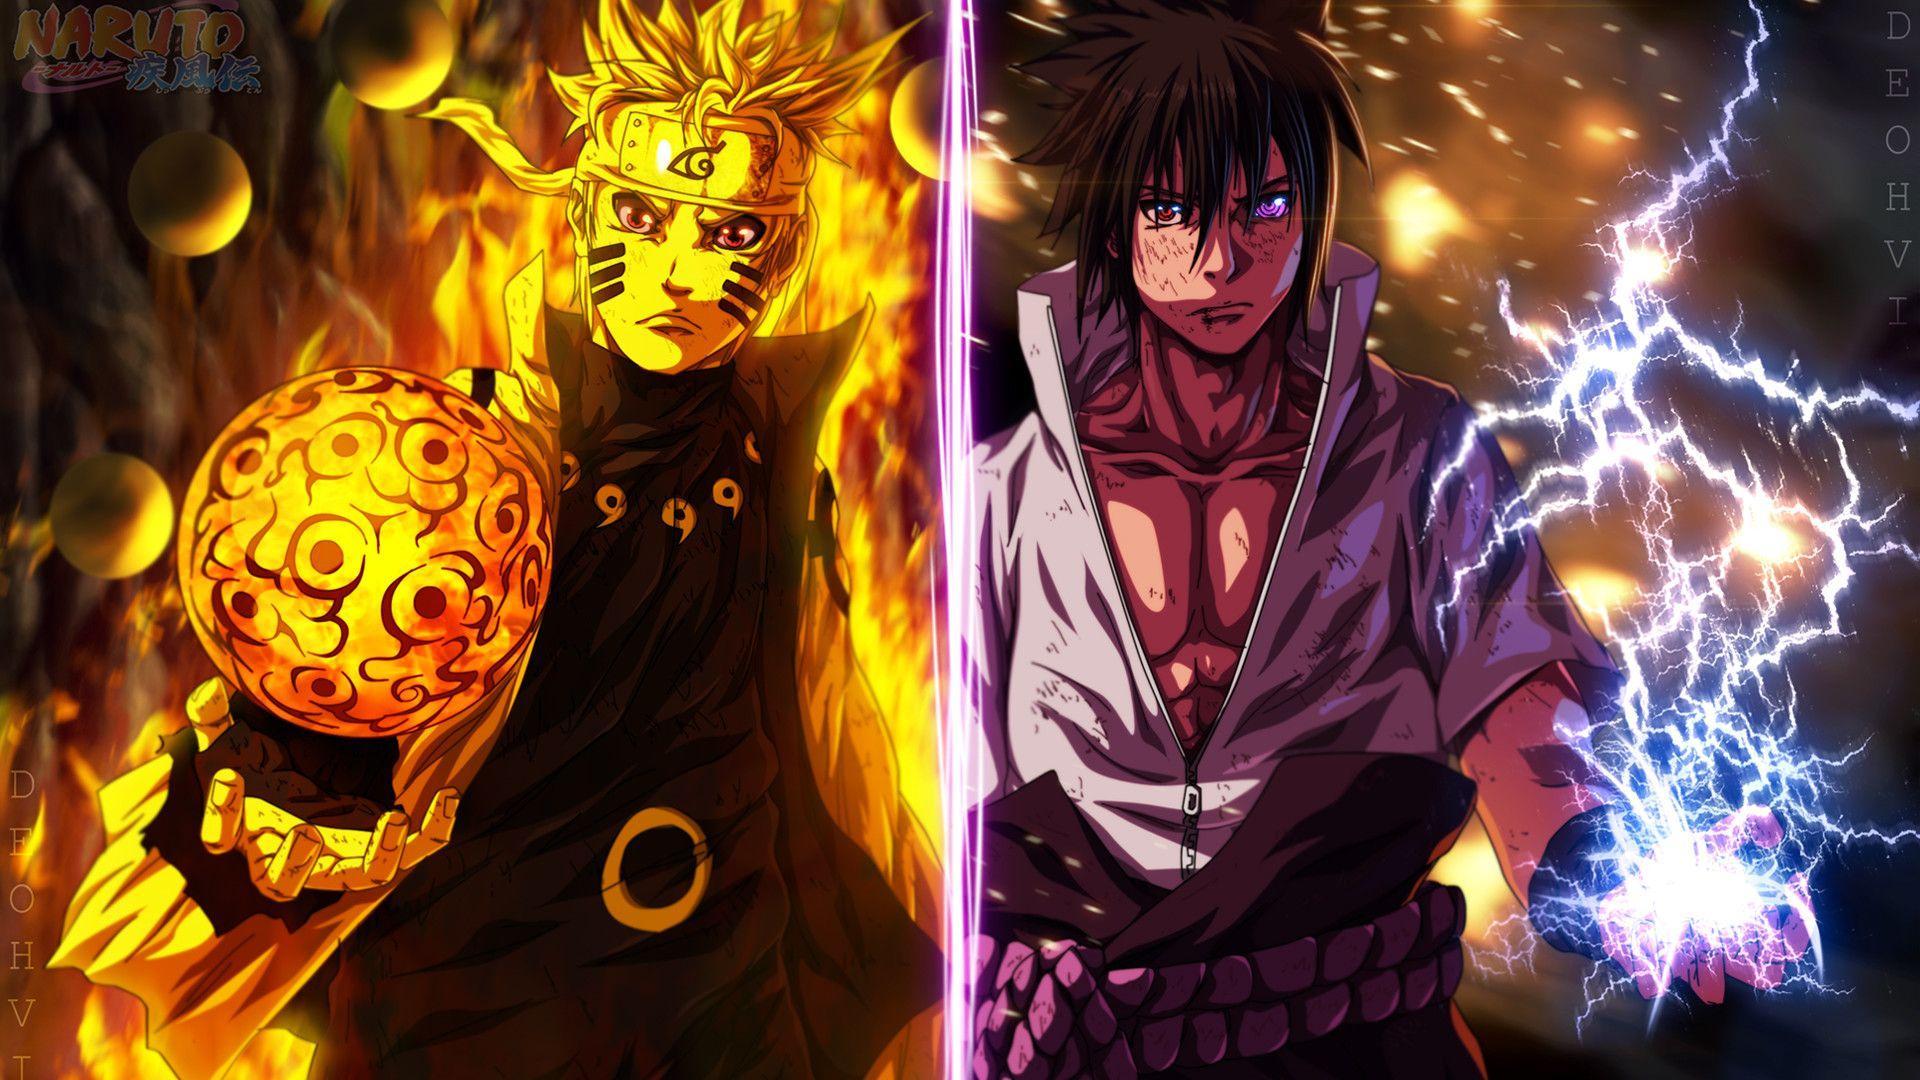 Unduh 93+ Wallpaper Naruto Dan Sasuke Terbaru HD Gratid